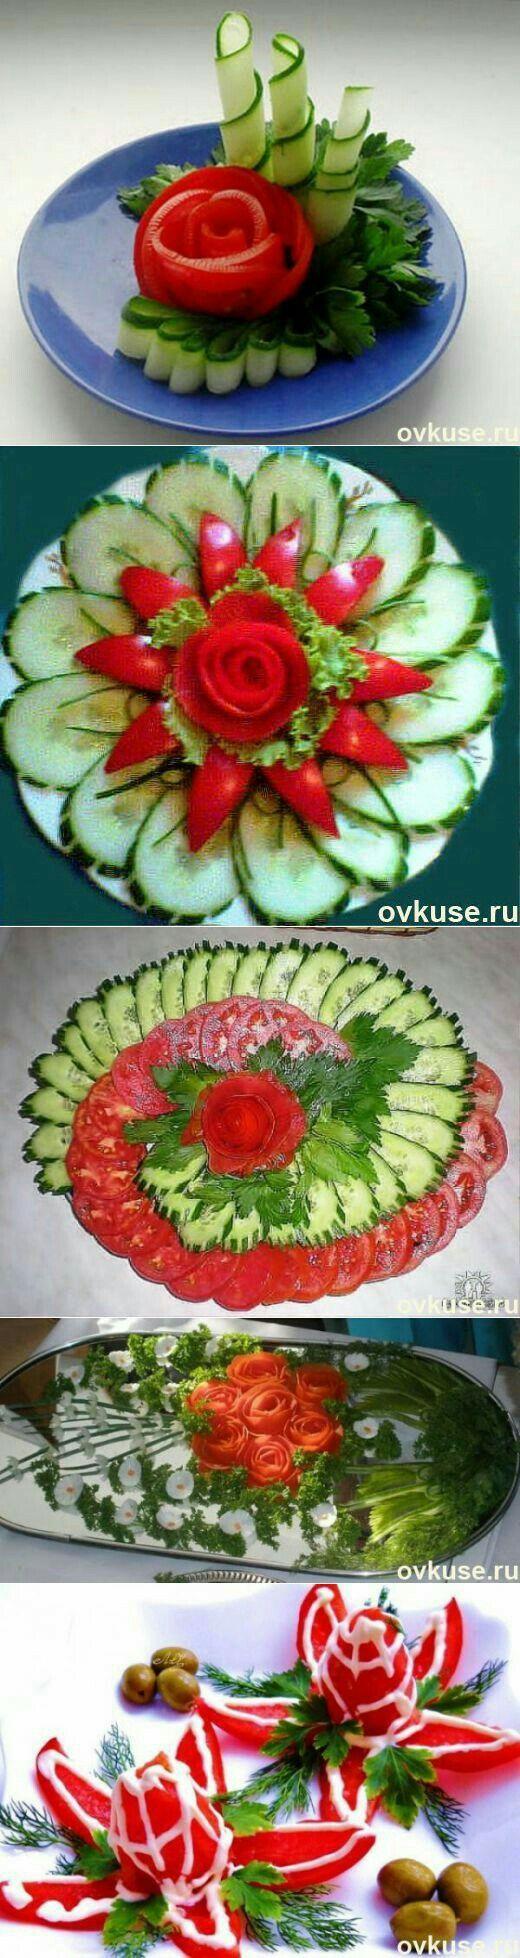 Как красиво украсить блюдо